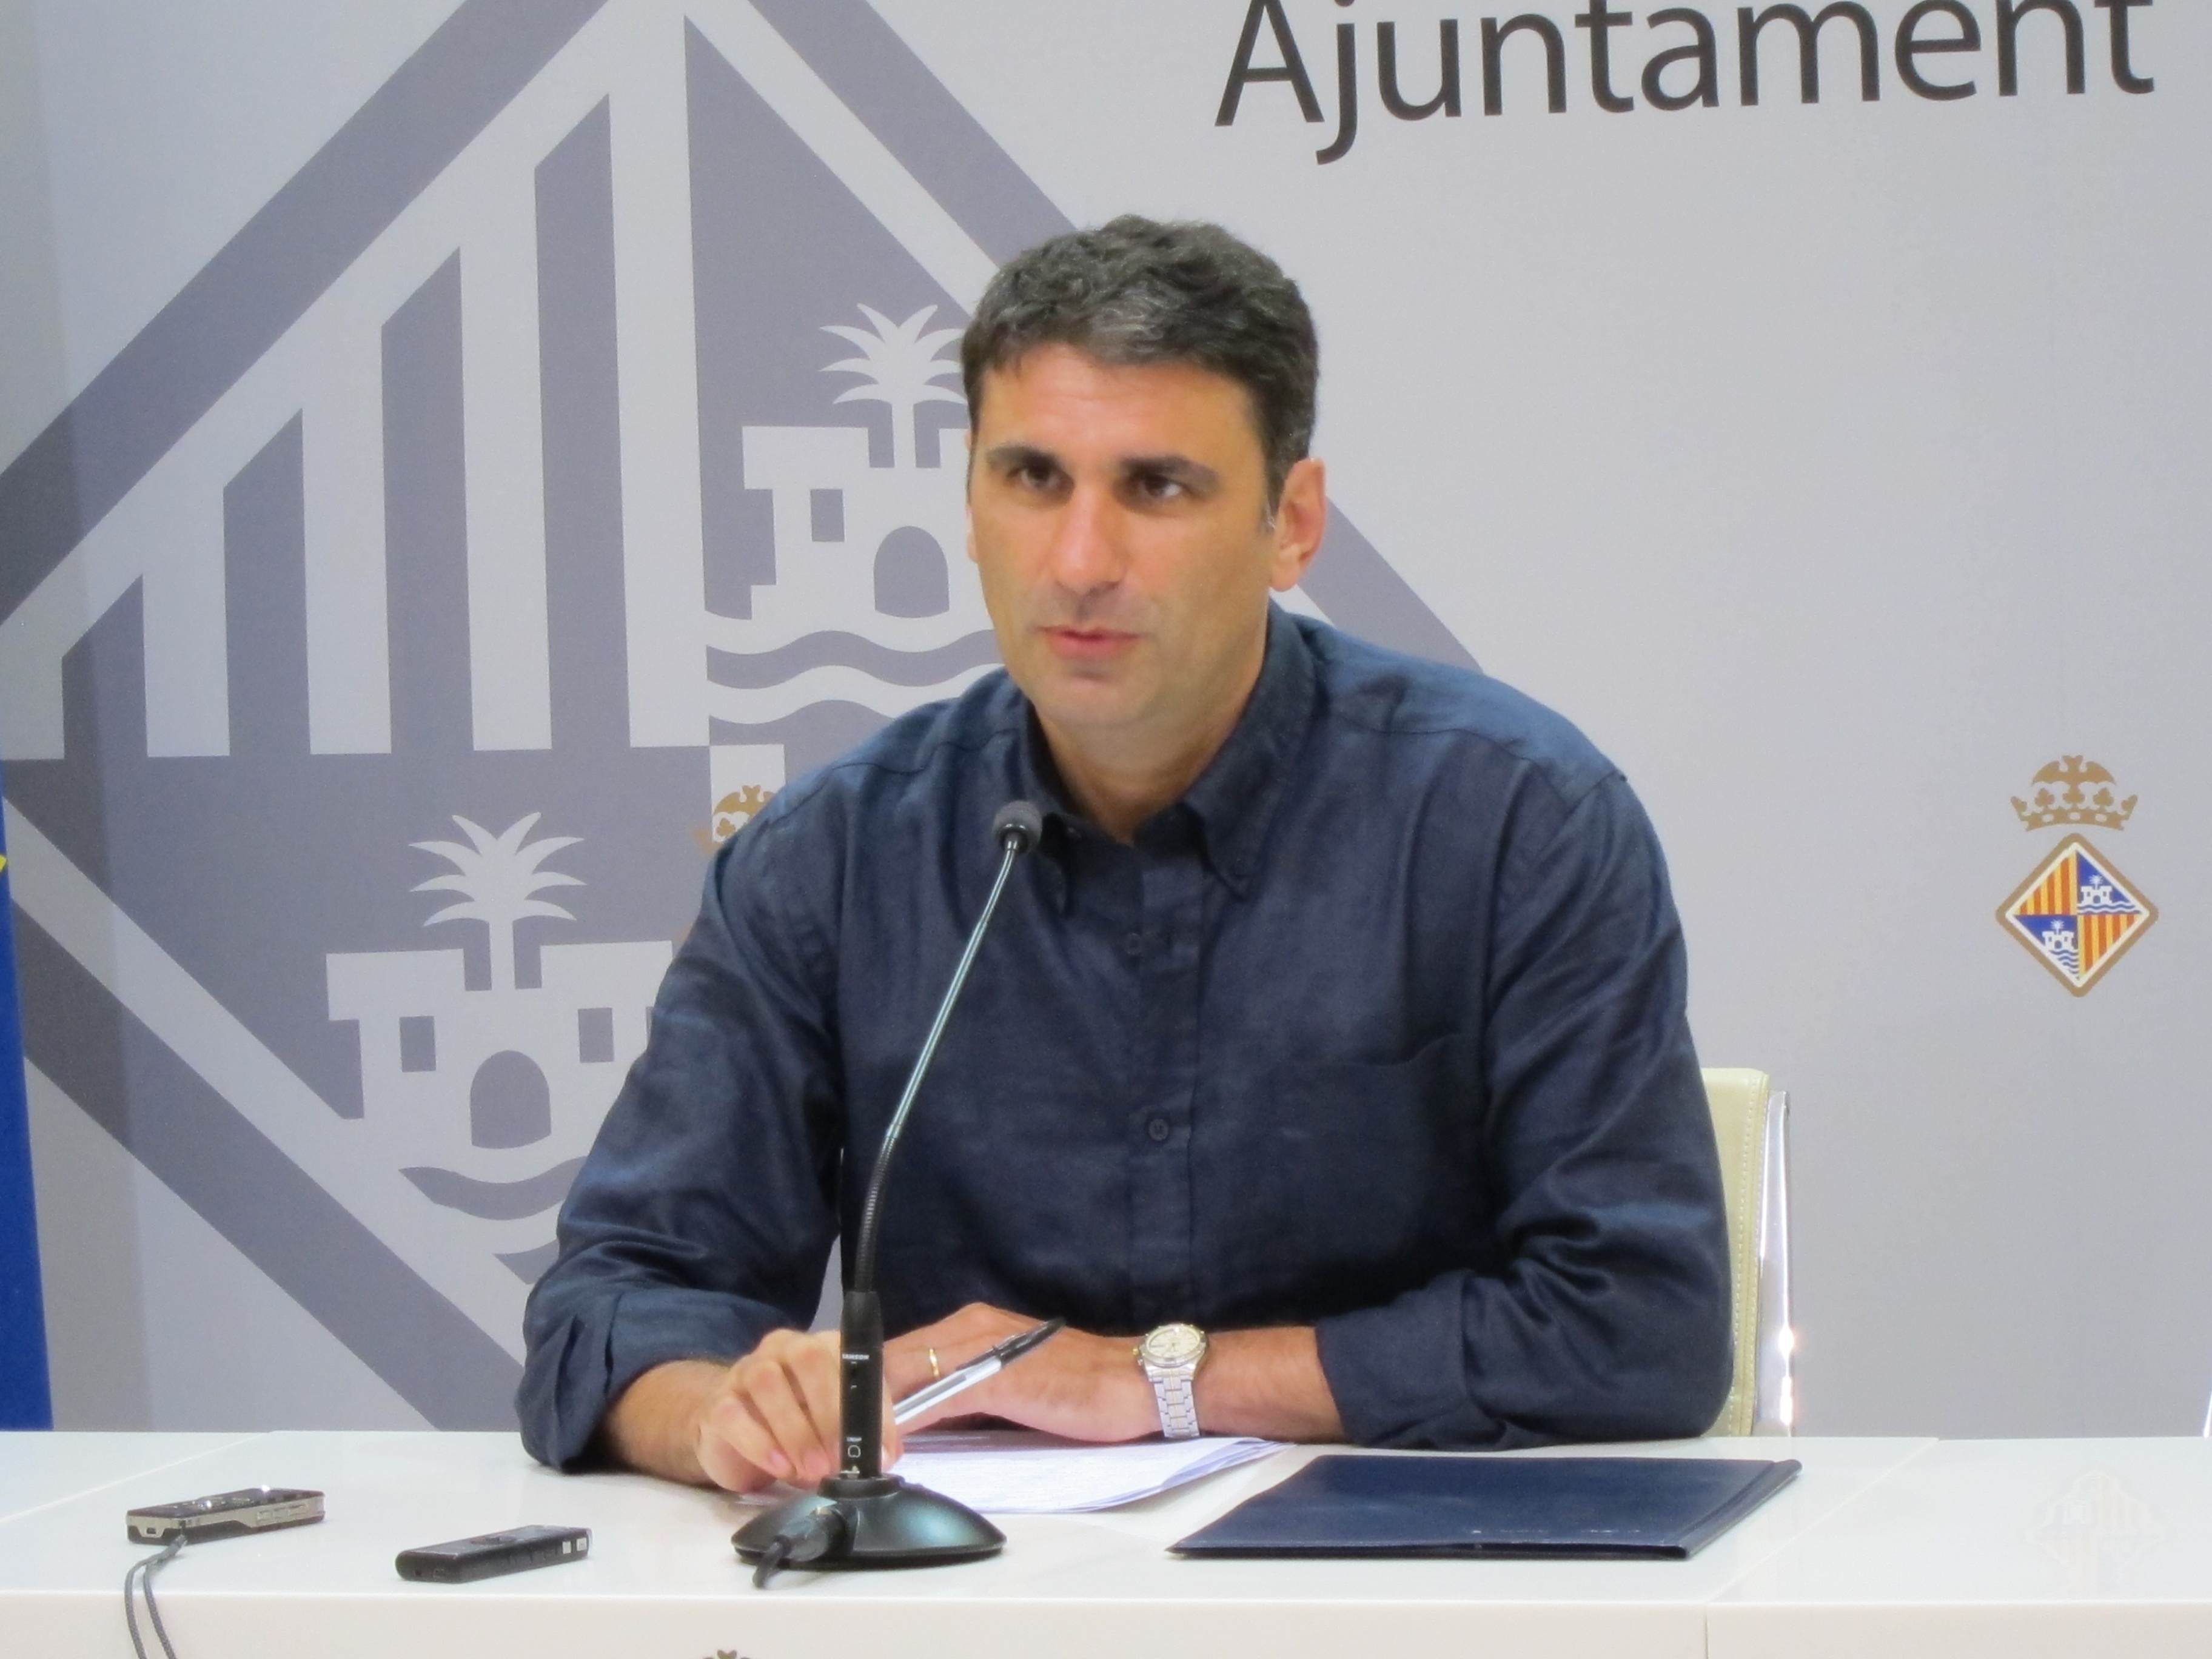 El Ayuntamiento de Palma invertirá 1,1 millones en la construcción del polideportivo de Son Oliva